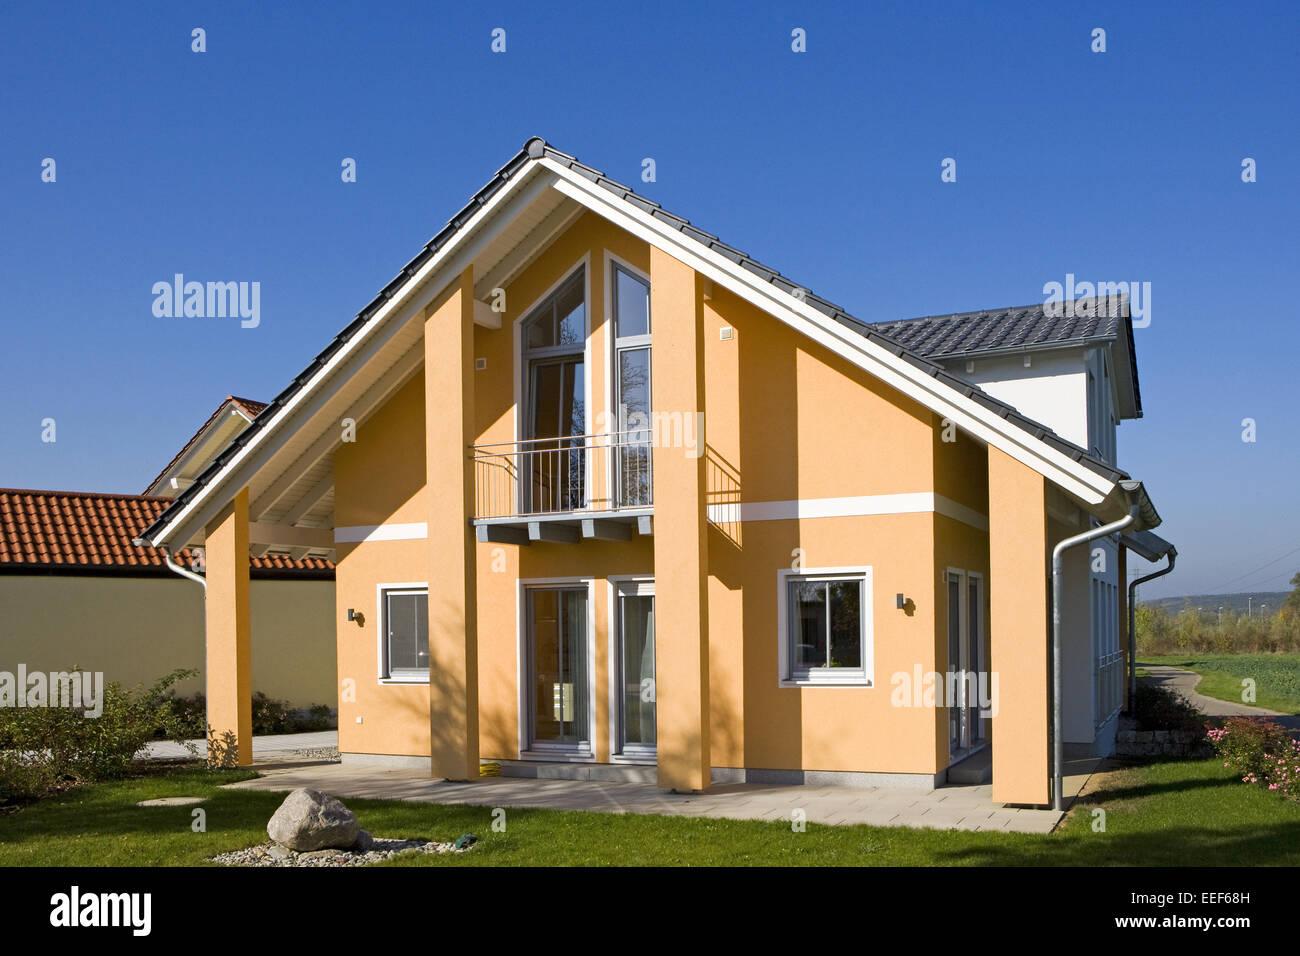 Einfamilienhaus, Architektur, Haus, Wohnhaus, Gebaeude, Eigenheim, Fertighaus, Wohnen, Garten, Infrastruktur, Haeuser, Stockbild